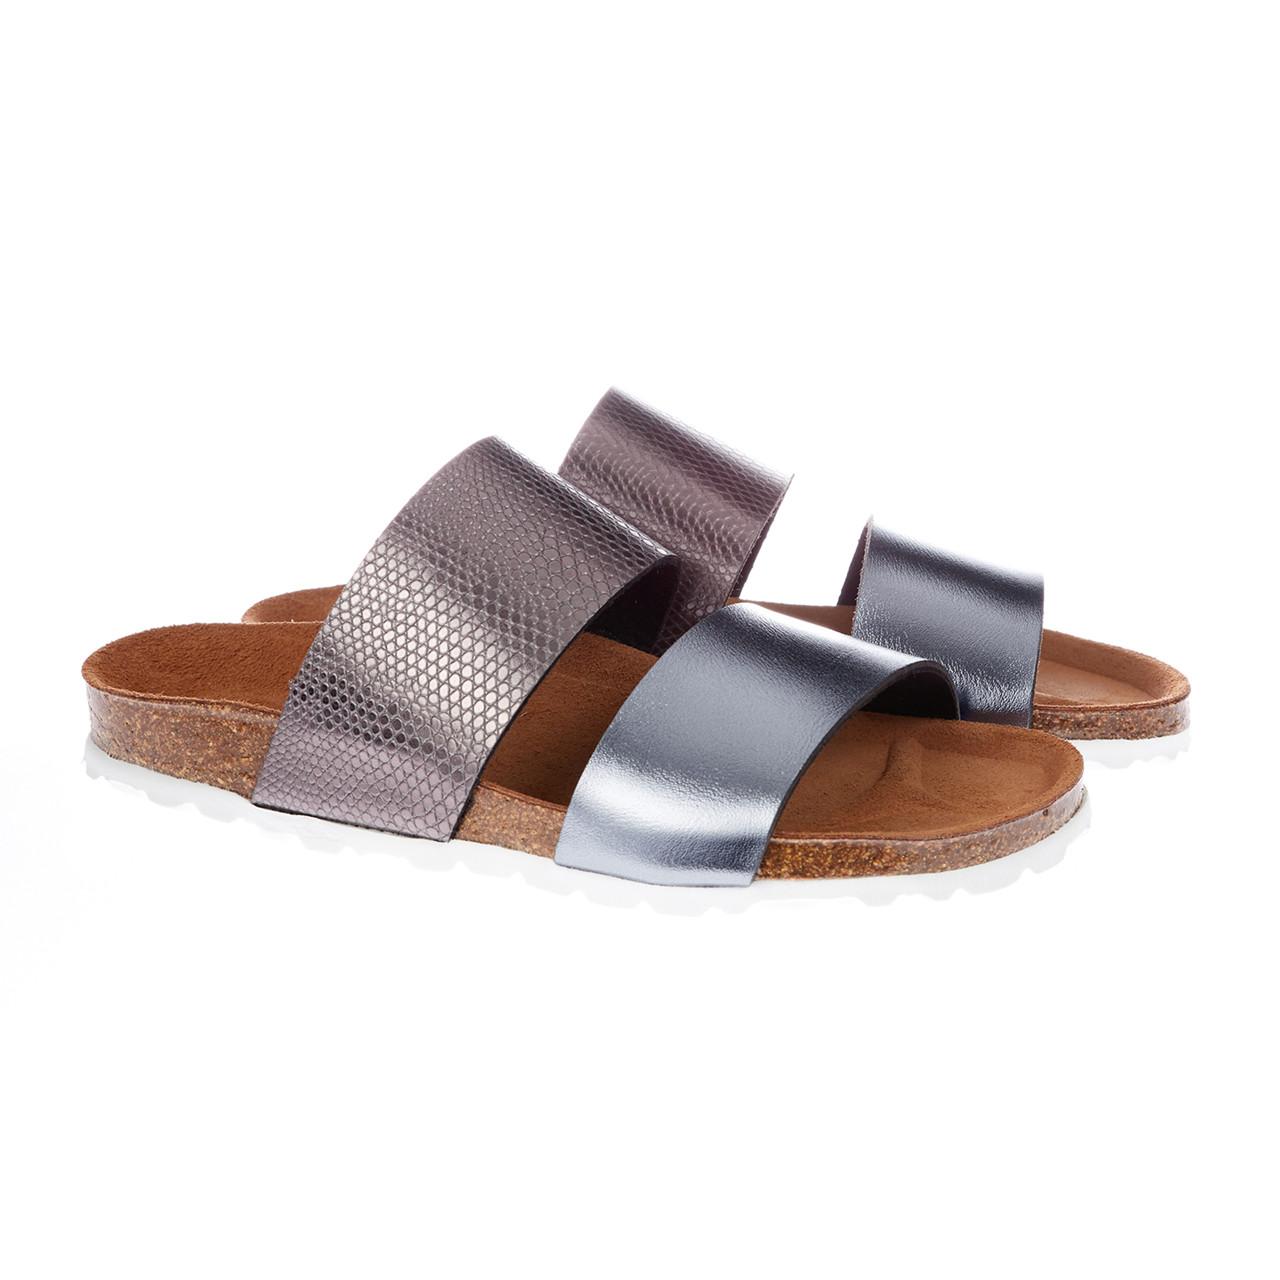 e5f11b436dc Dixie sko og støvler - Køb sko og støvler fra Dixie her